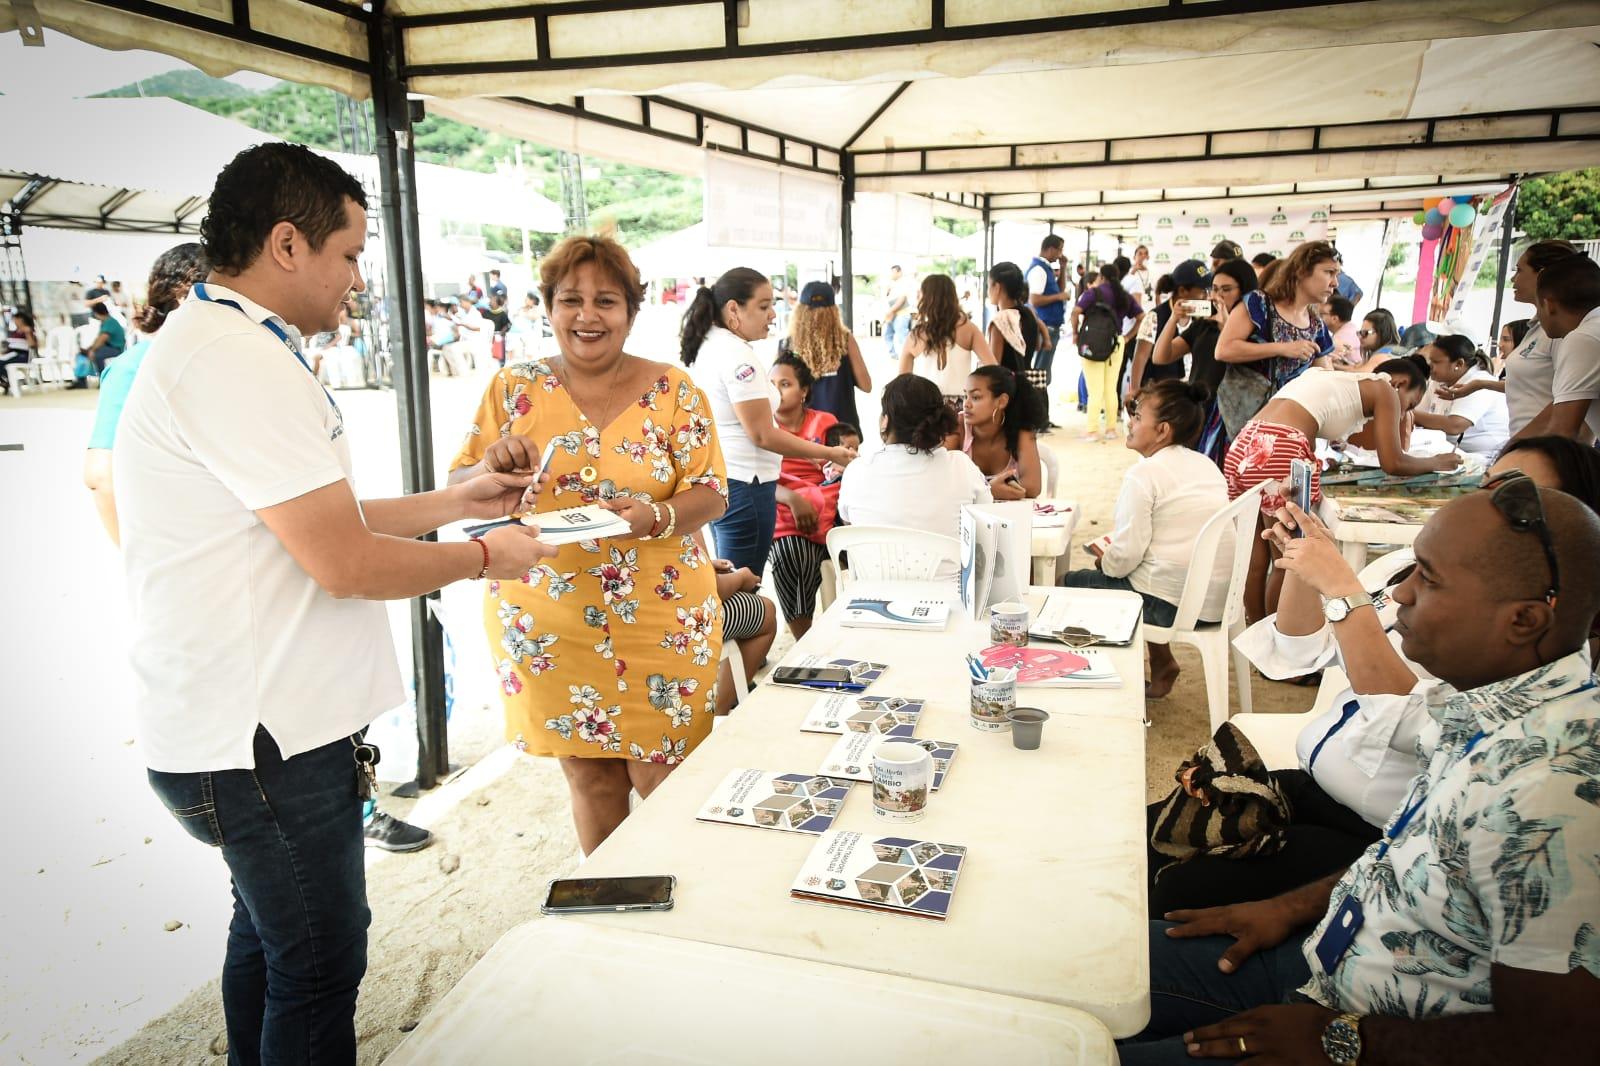 Feria de la Equidad y el Buen Vivir estará este jueves en San Jorge - Seguimiento.co